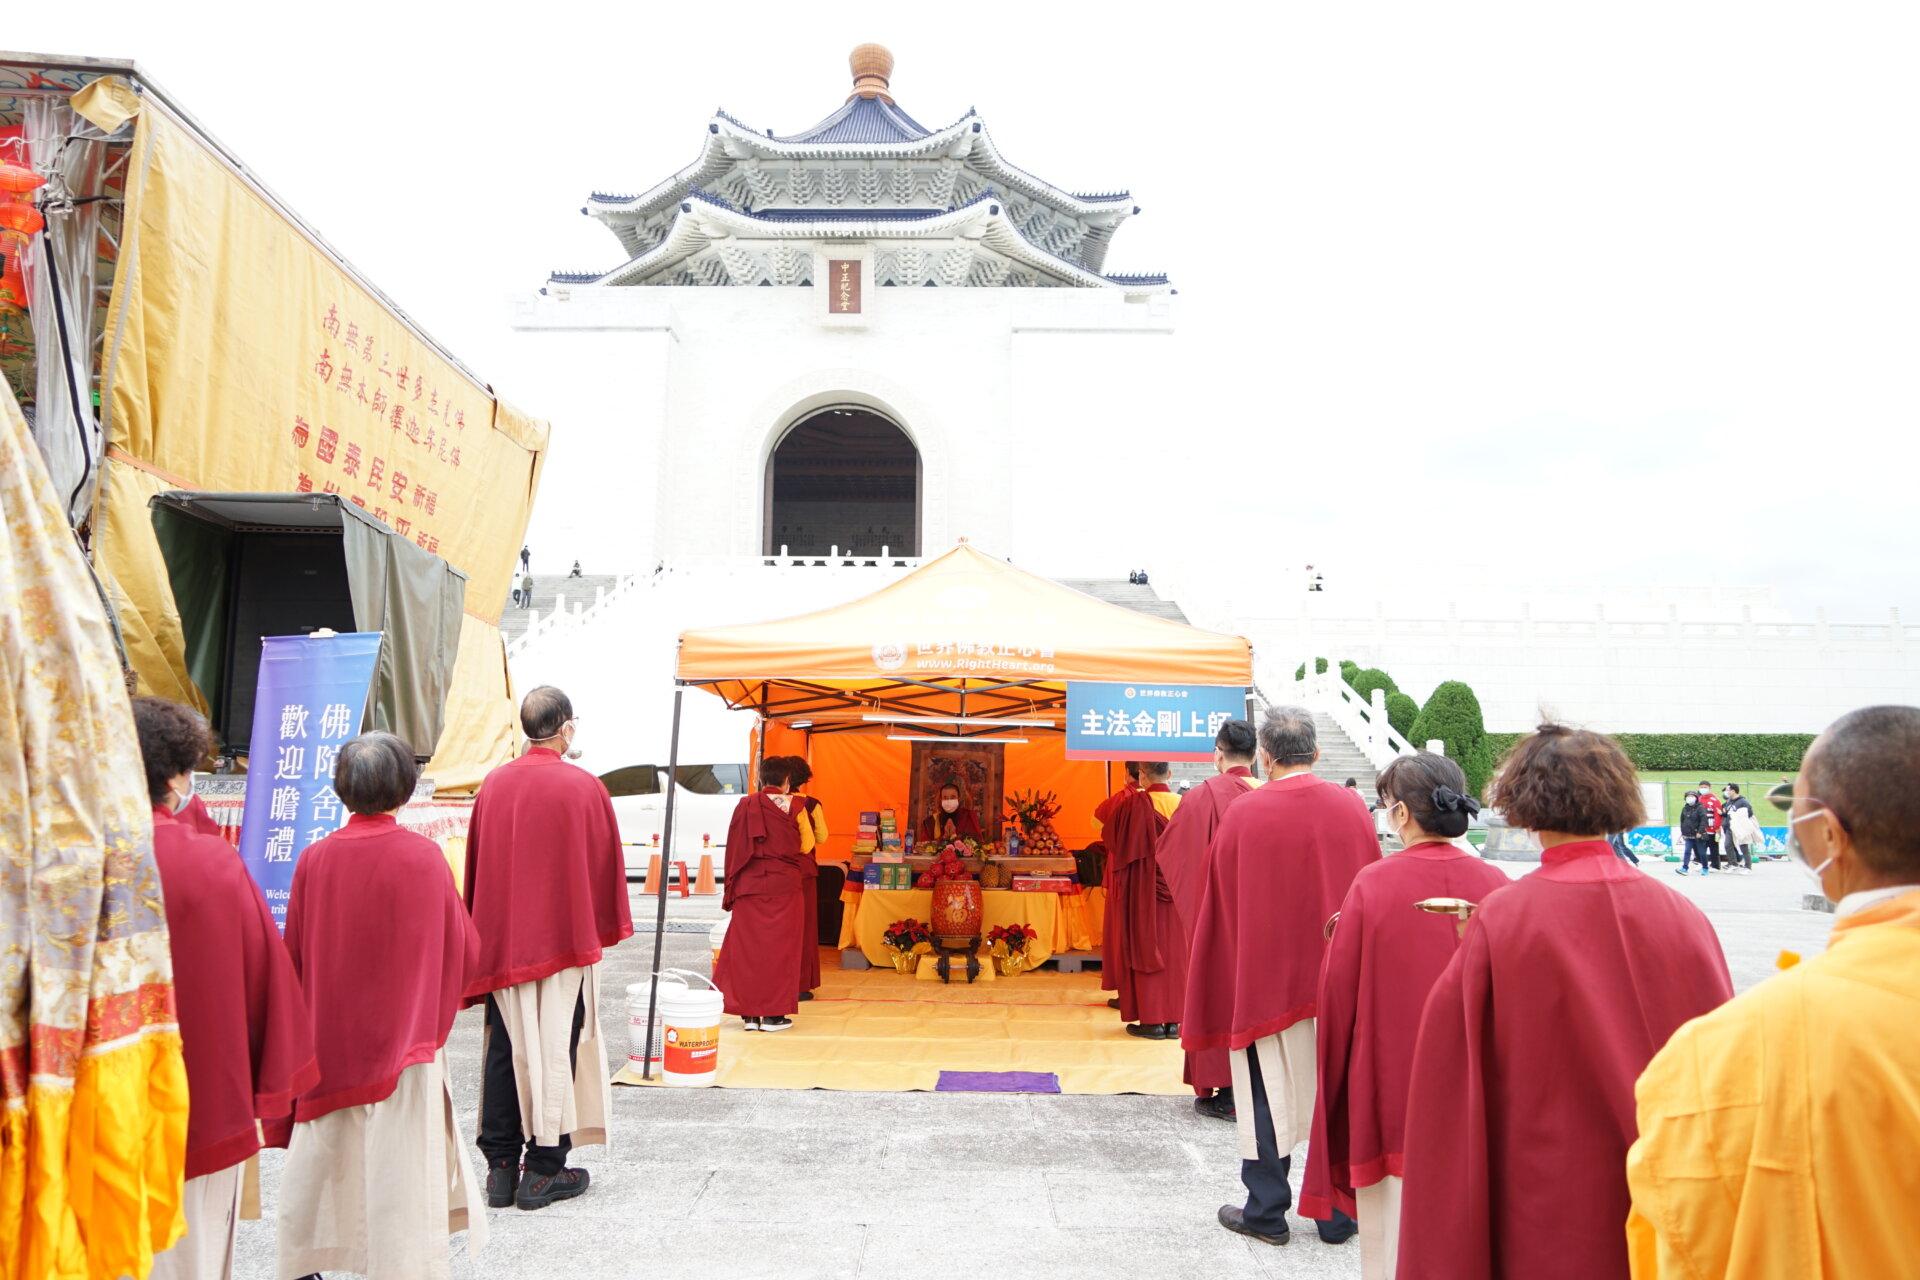 行動佛殿117站台北中正紀念堂,啟建全球新冠狀病毒疫情早日遠離息沒消災祈福法會